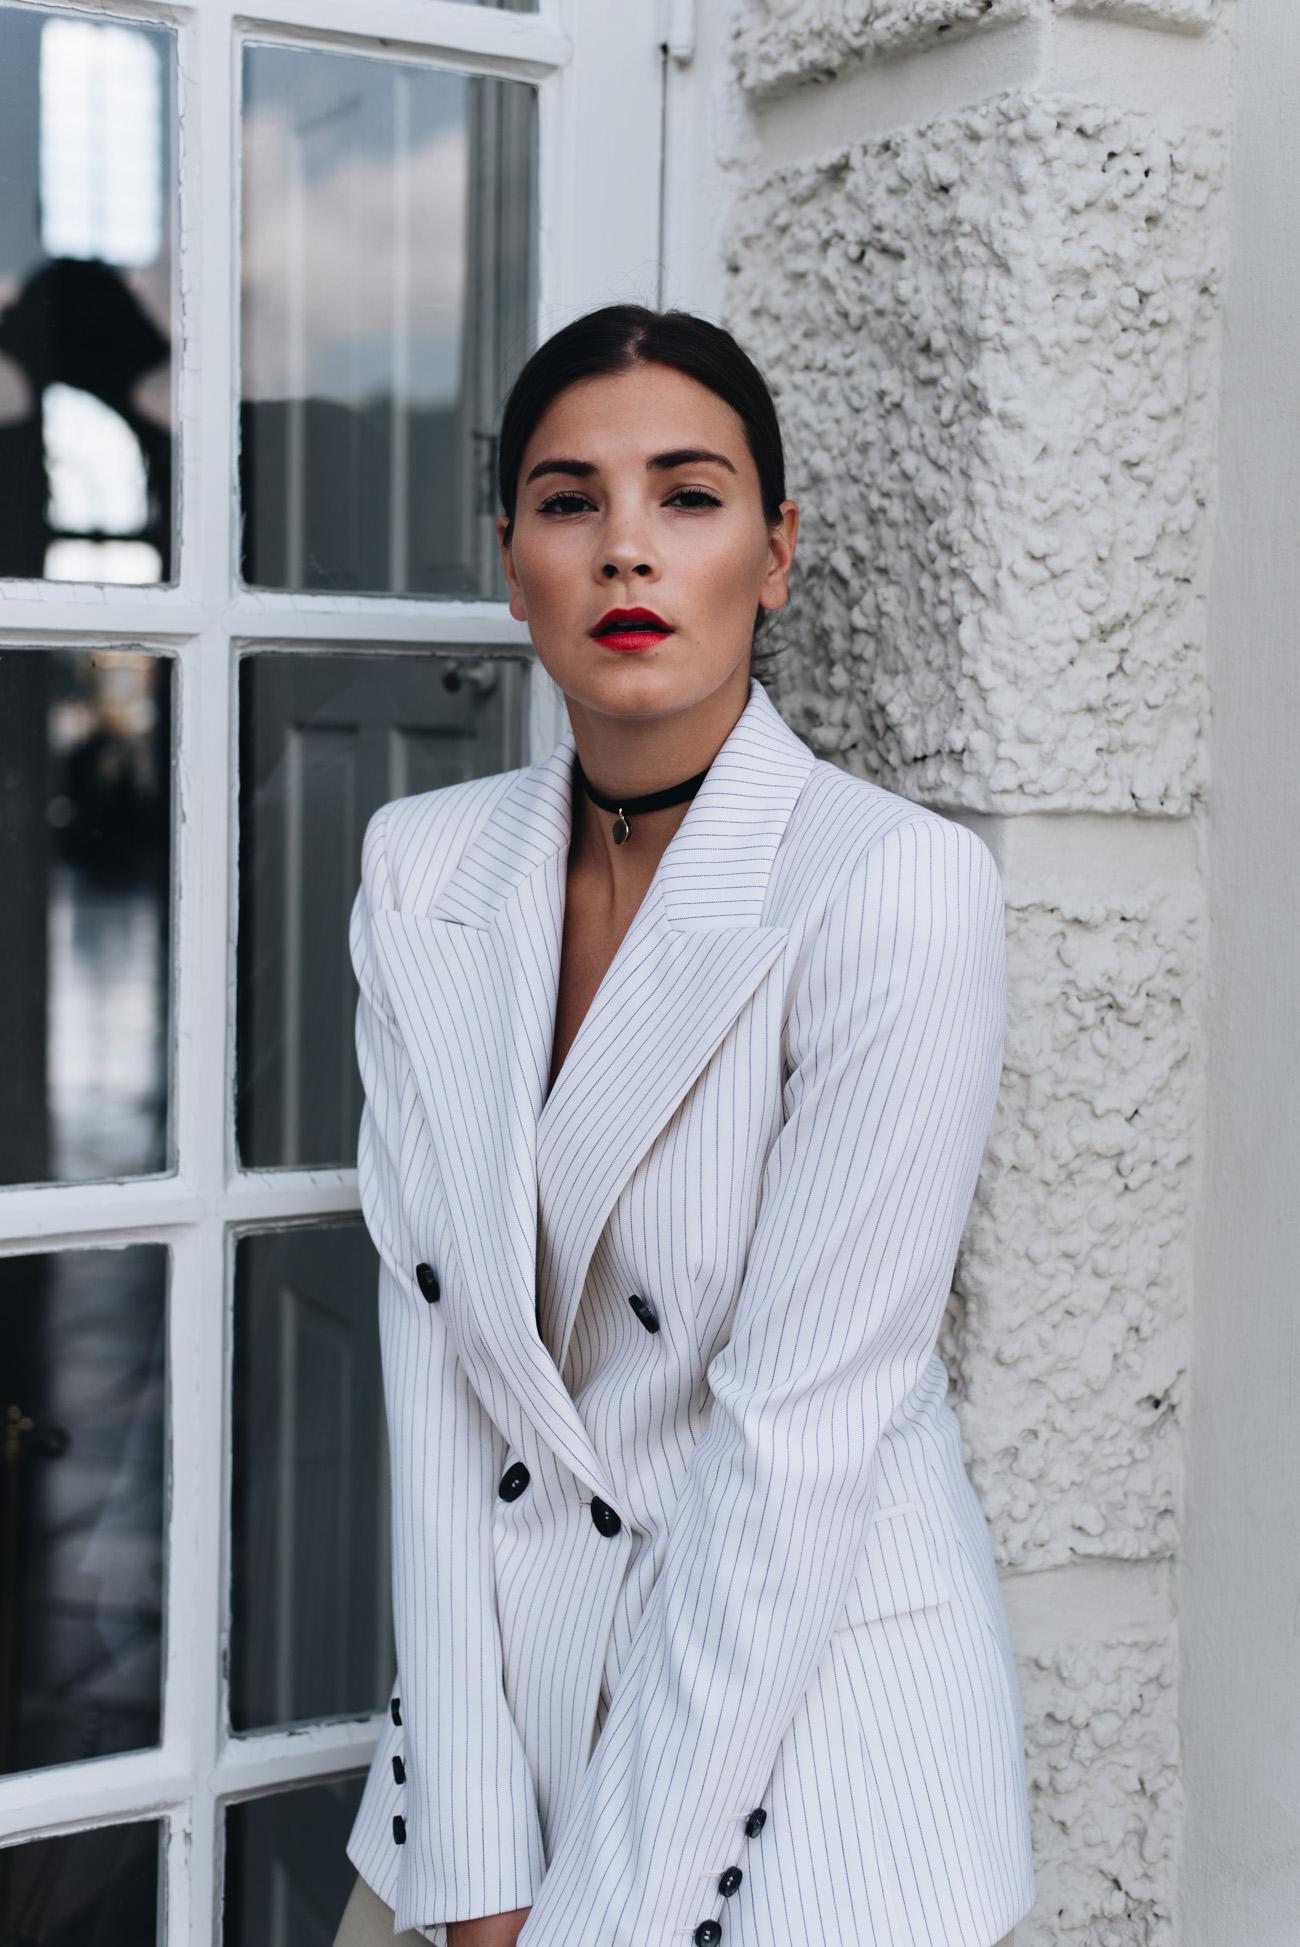 rote-lippen-im-alltag-tragen-nina-schwichtenberg-vollzeit-bloggerin-münchen-fashiioncarpet